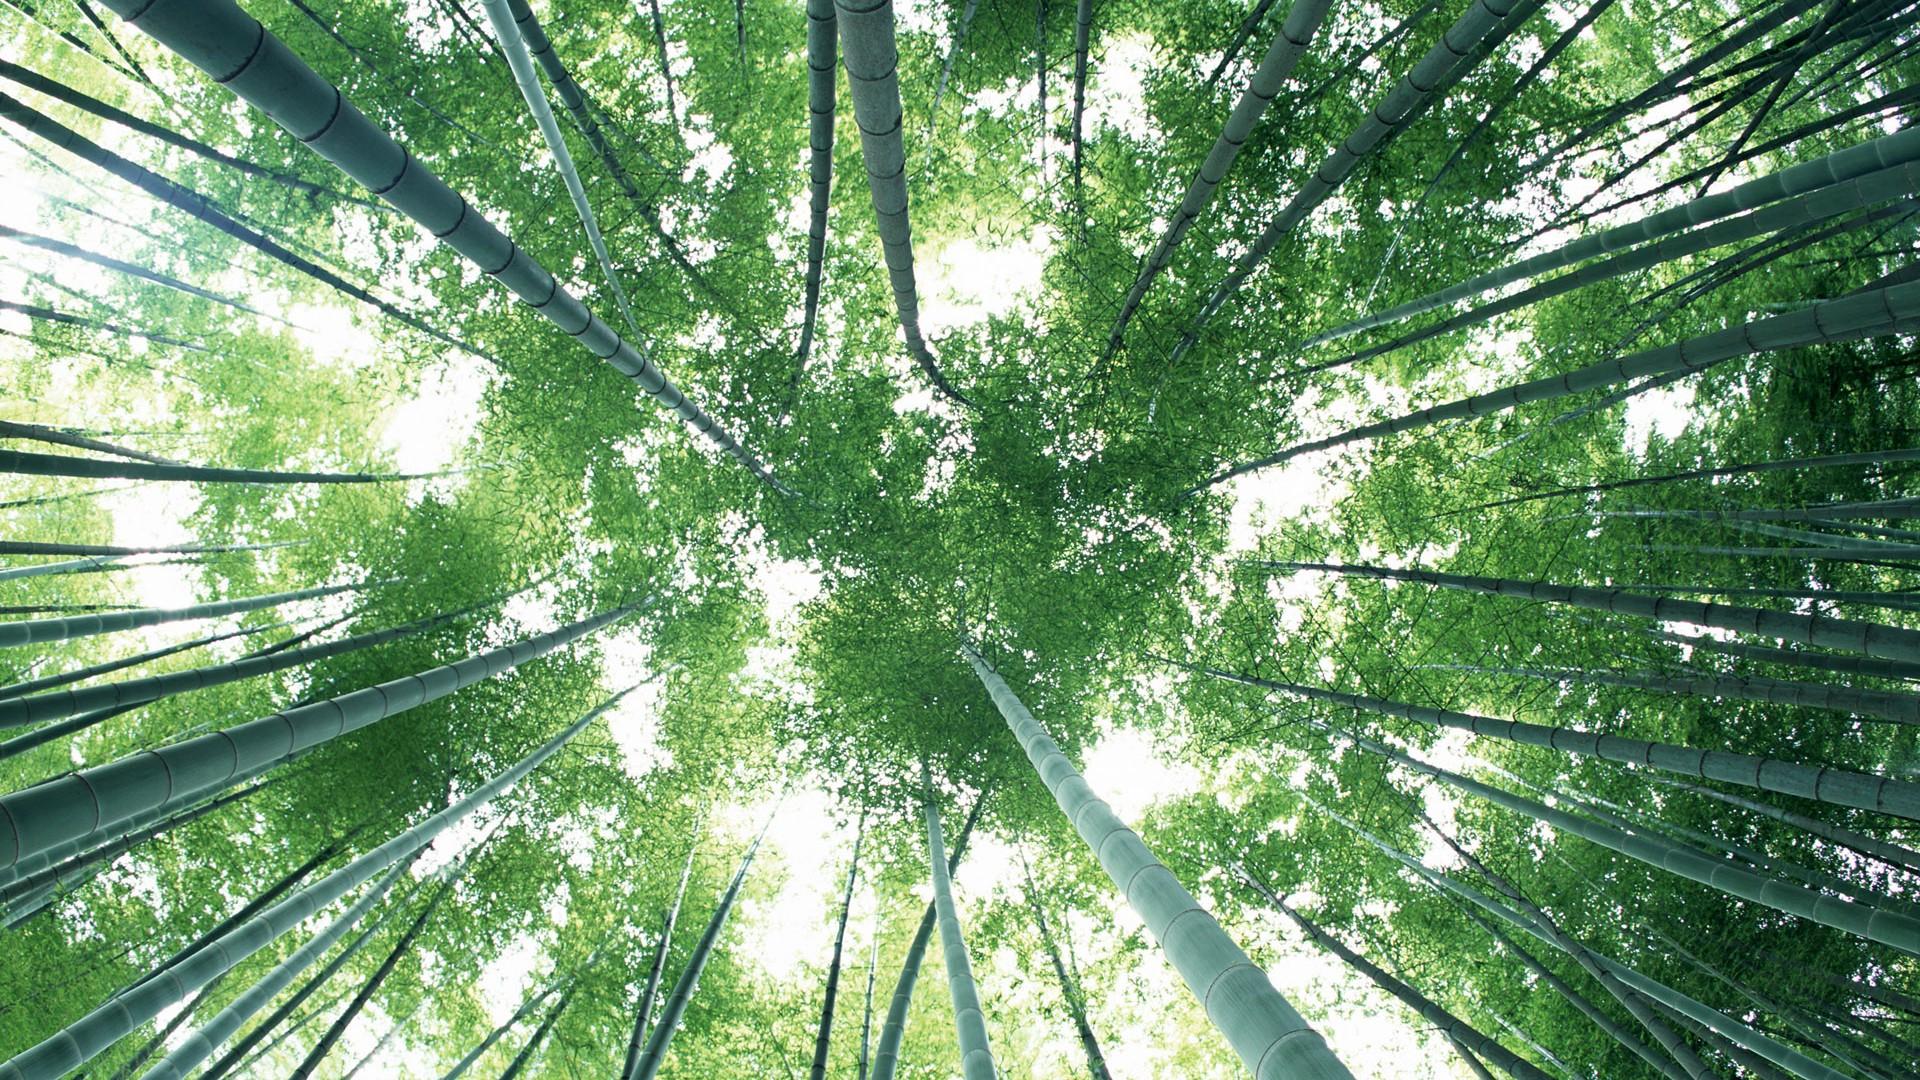 Fond D Ecran De Bambou Vert 8 1920x1080 Fond D Ecran Telecharger Fond D Ecran De Bambou Vert Plantes Fond D Ecran V3 Fond D Ecran Du Site